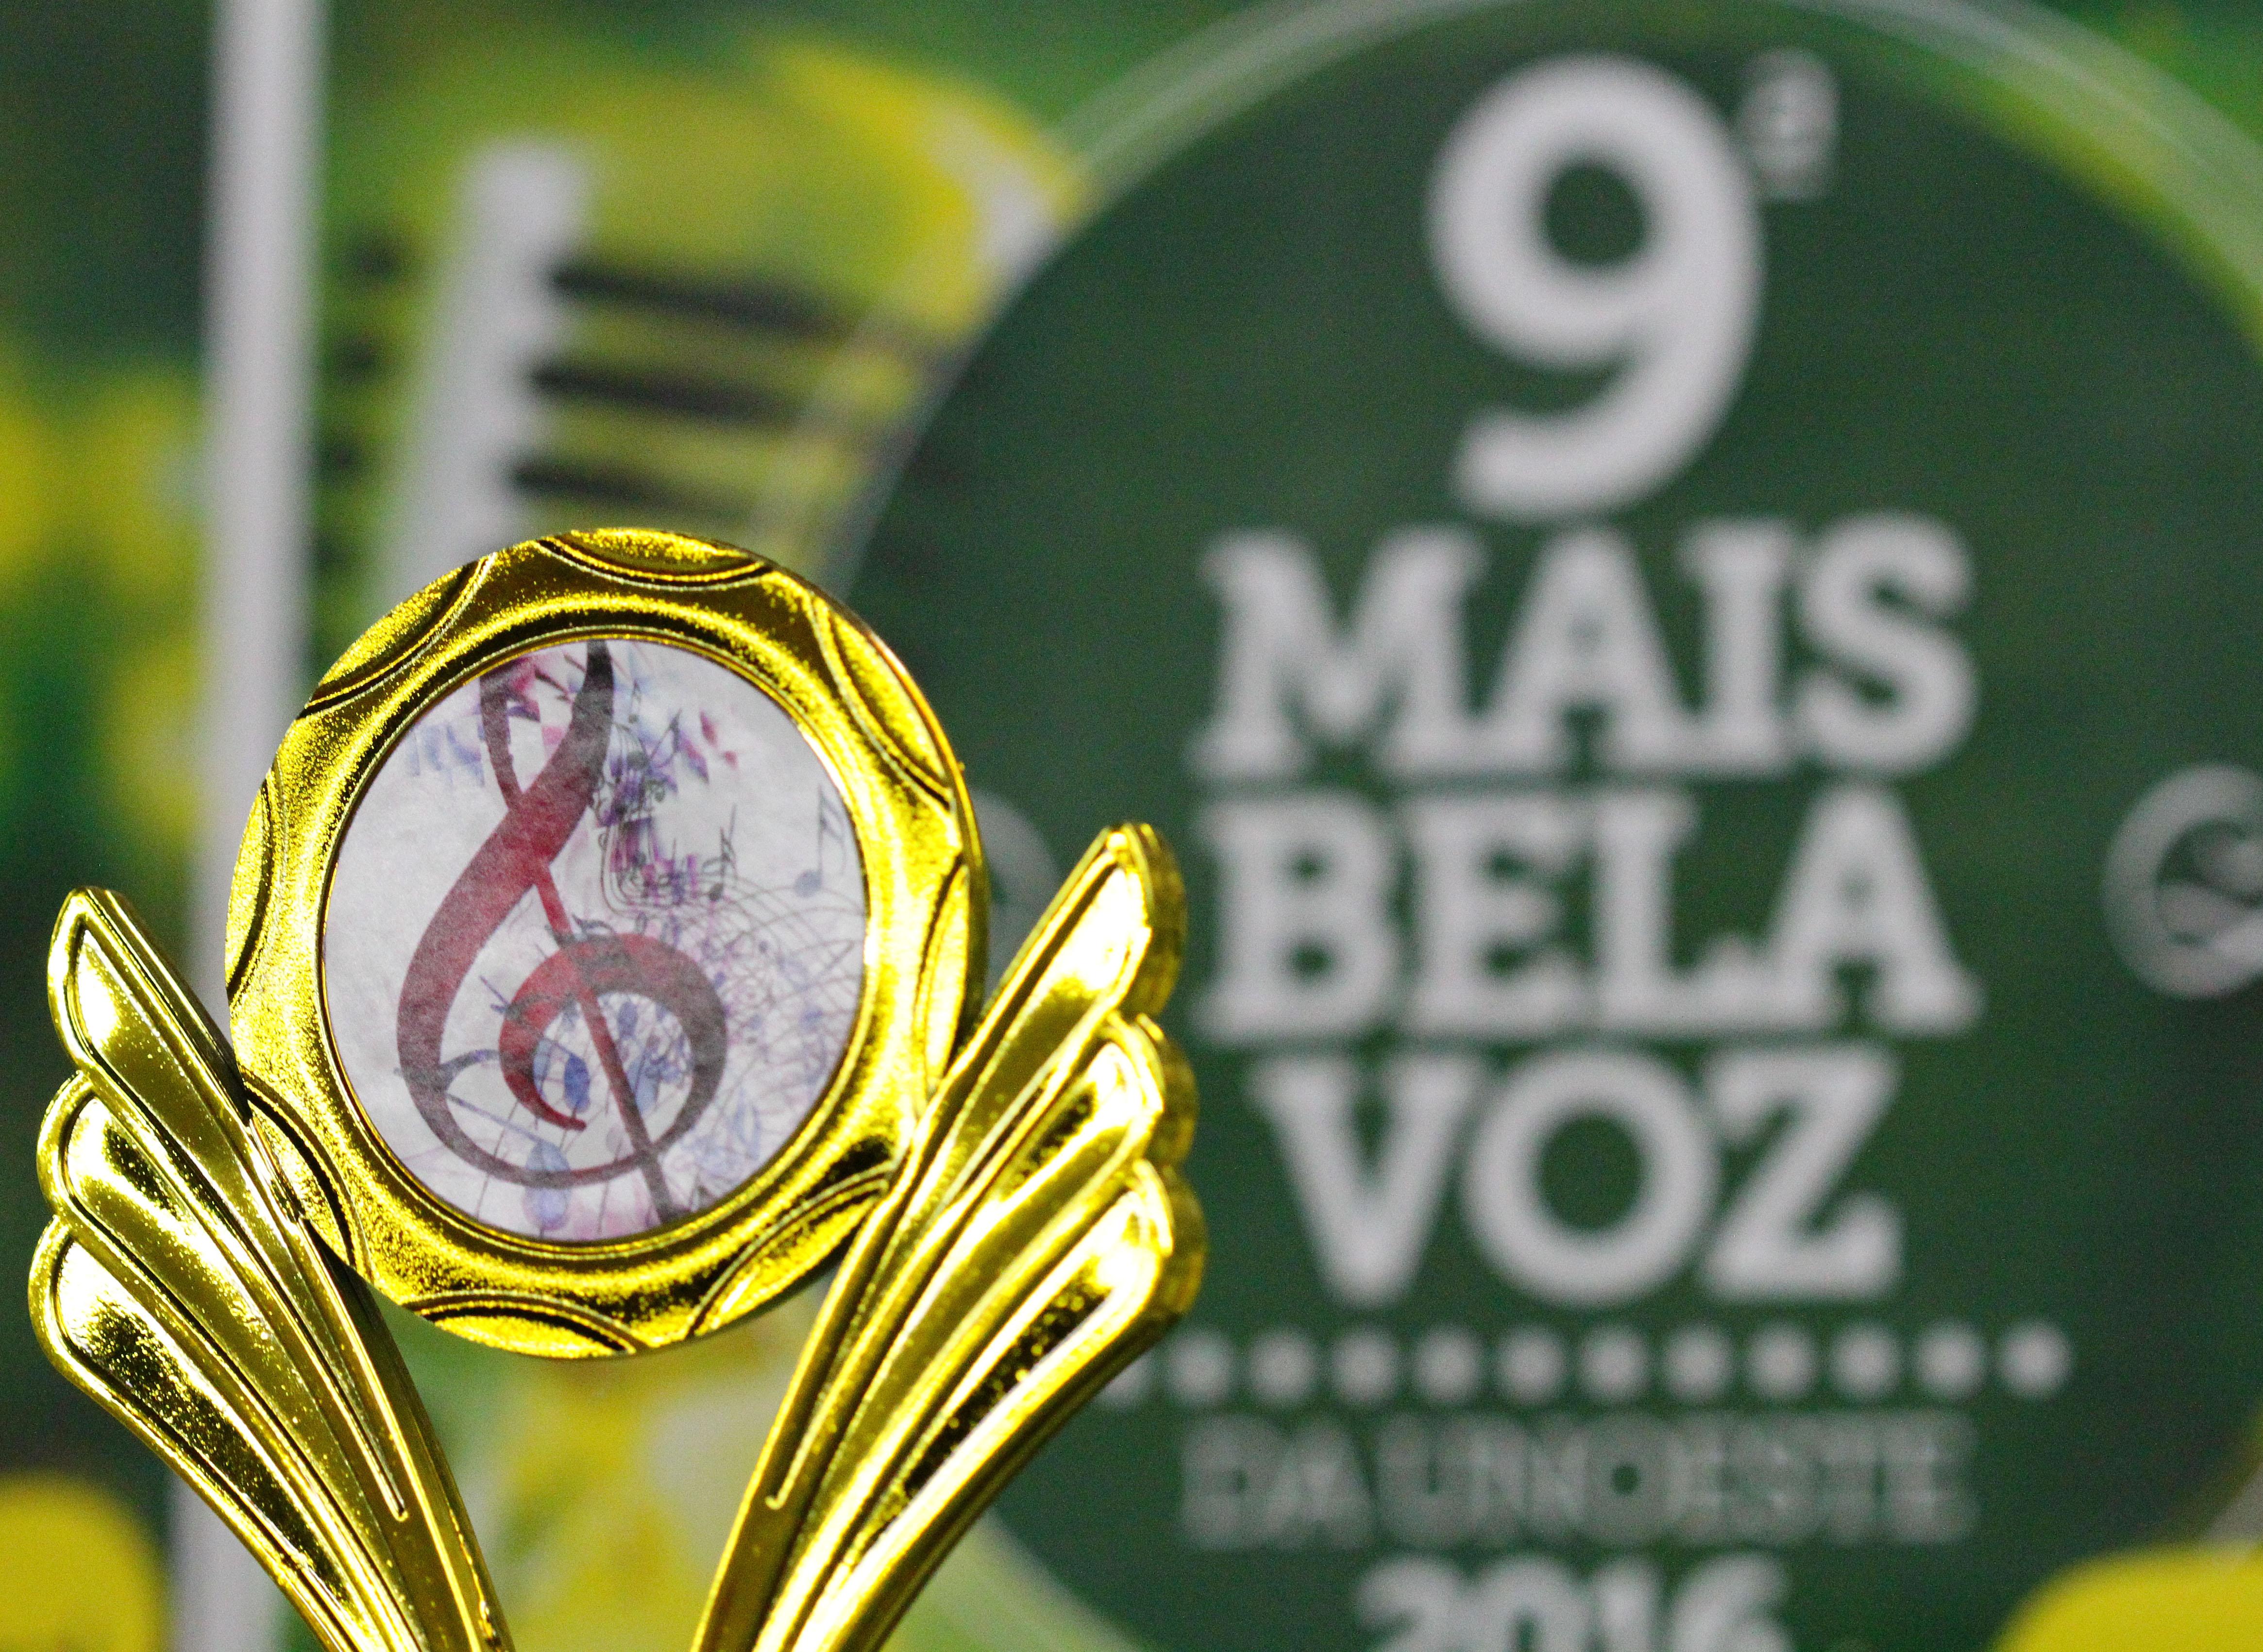 10ª edição do concurso musical Mais Bela Voz abre inscrições